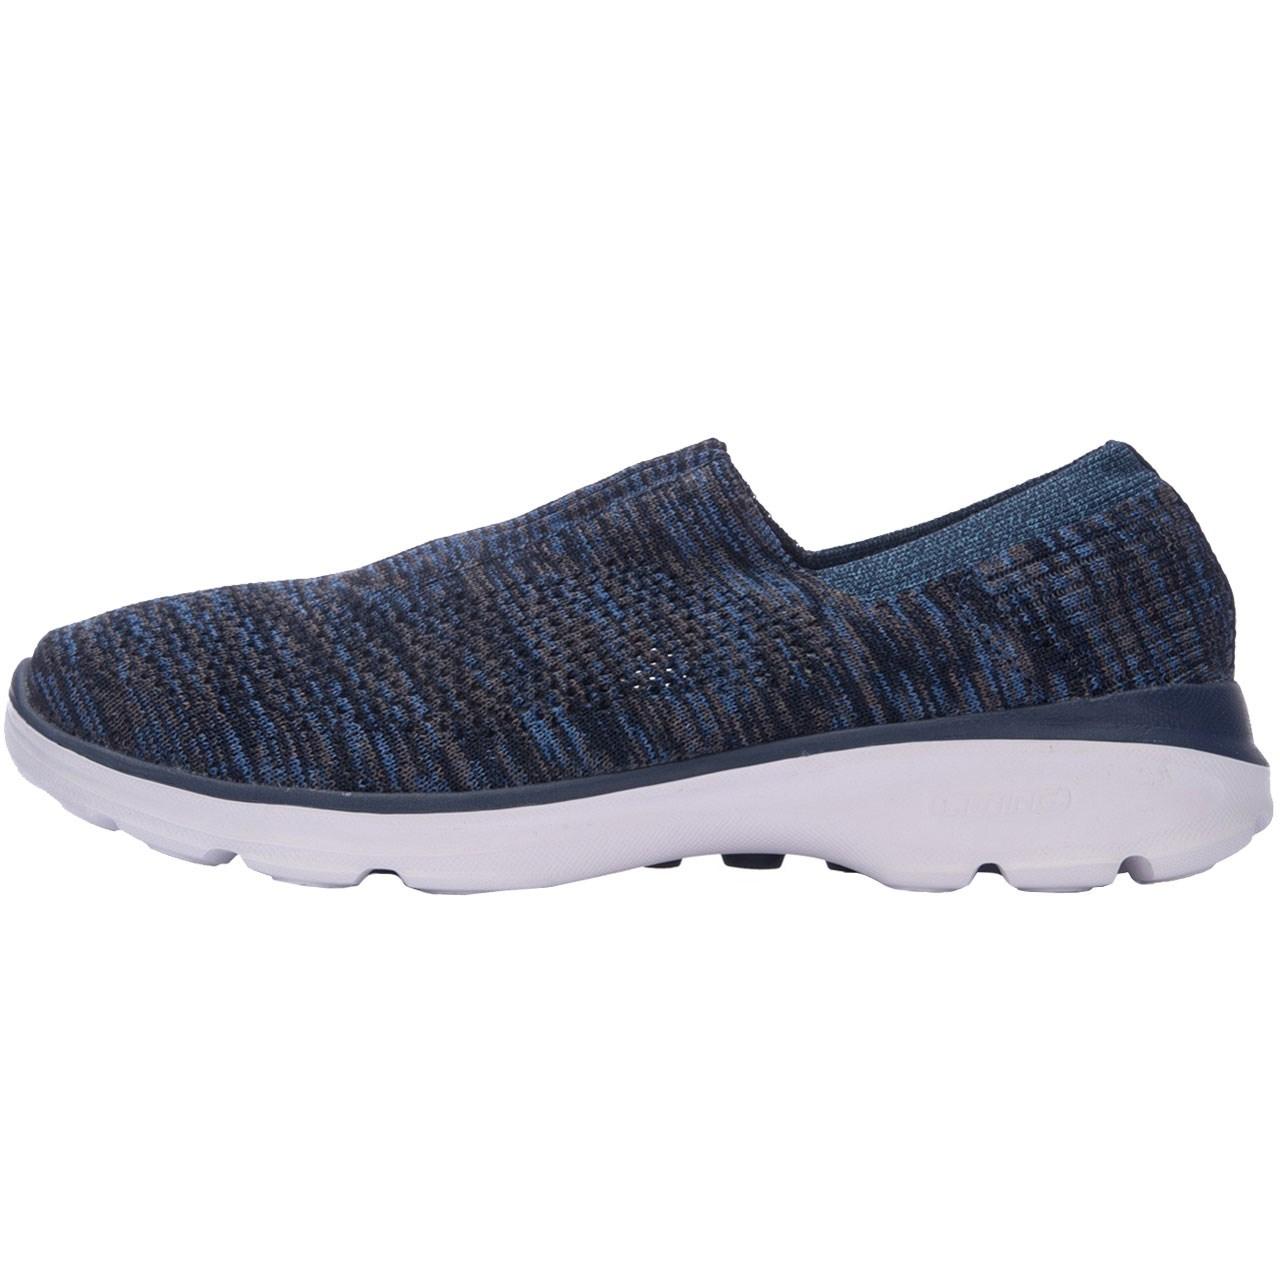 کفش مخصوص پیاده روی مردانه لی نینگ مدل Easy Walker